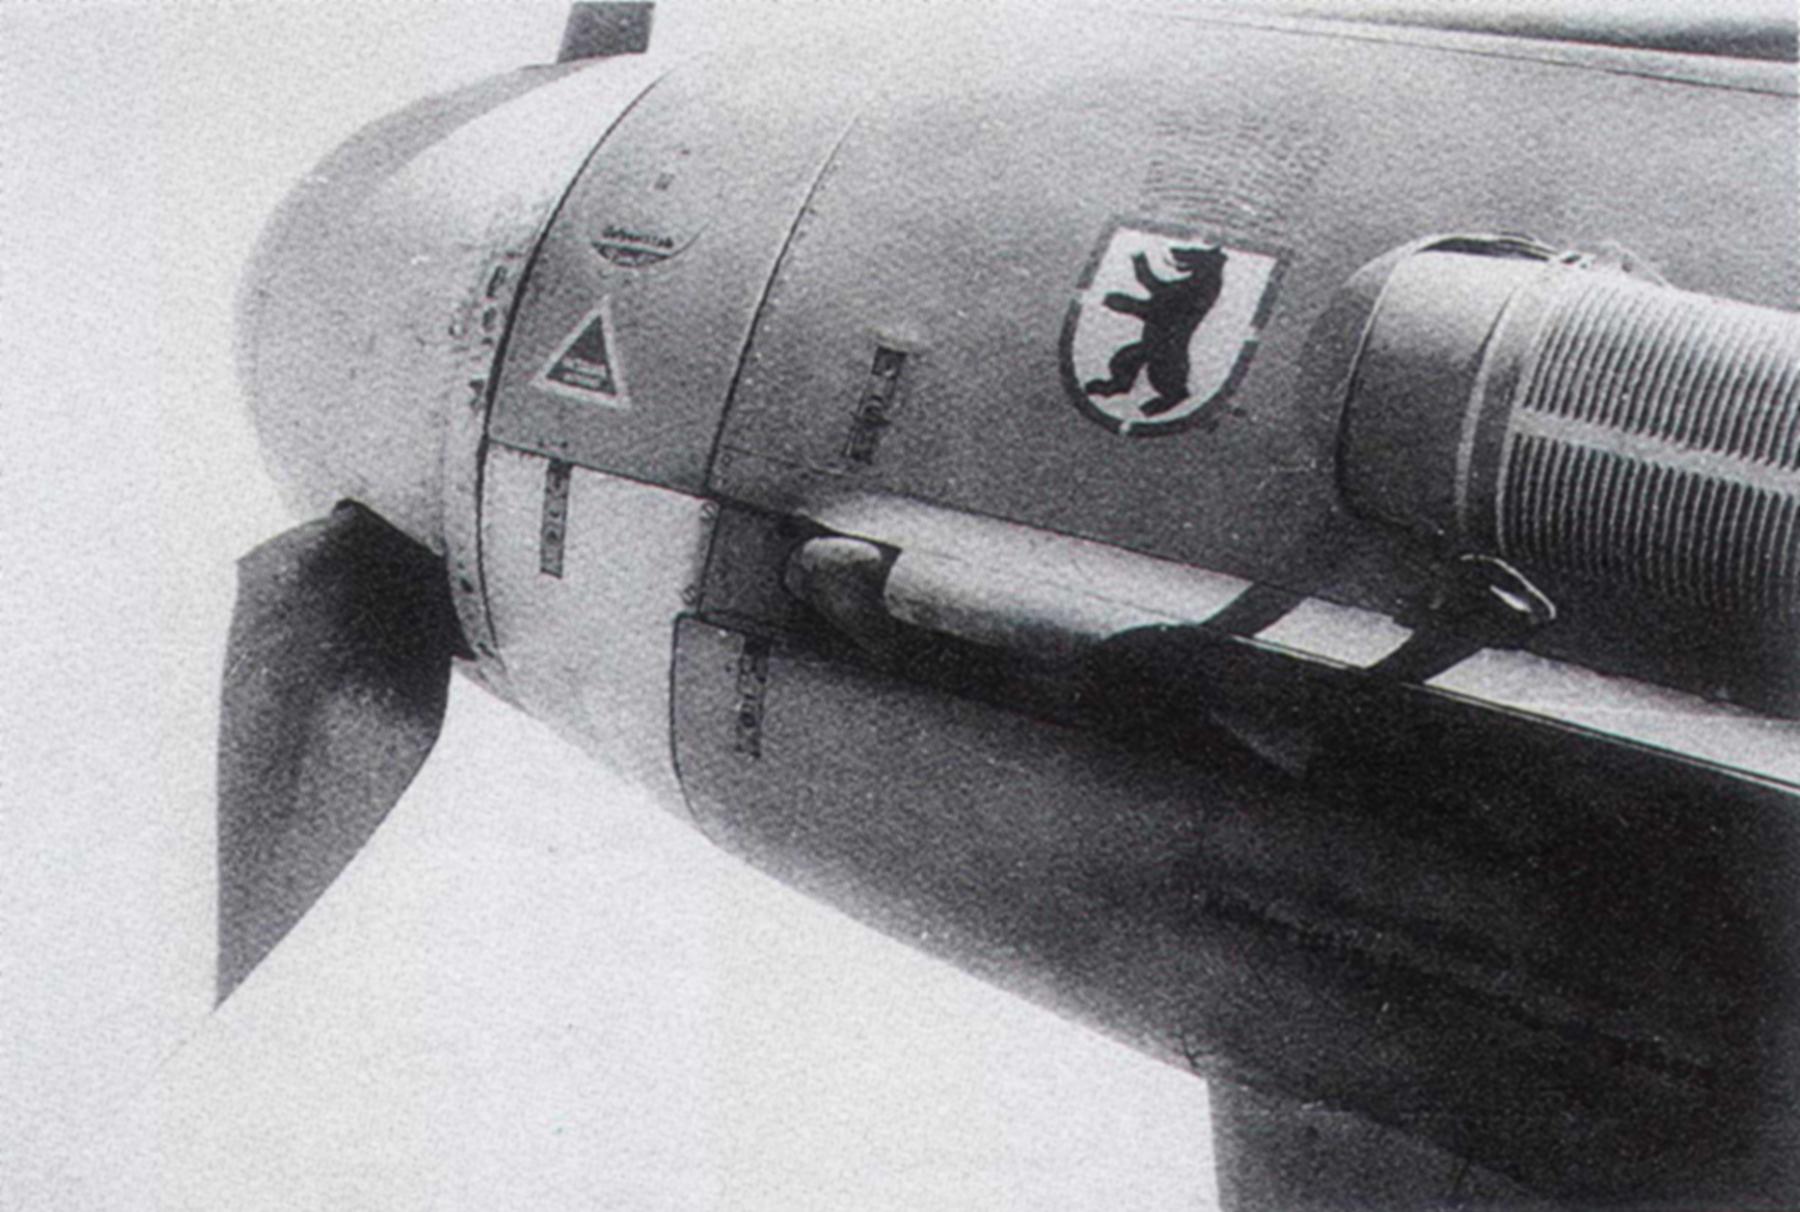 Messerschmitt Bf 109F4Trop 6.JG27 Yellow 2 North Africa August 1942 03